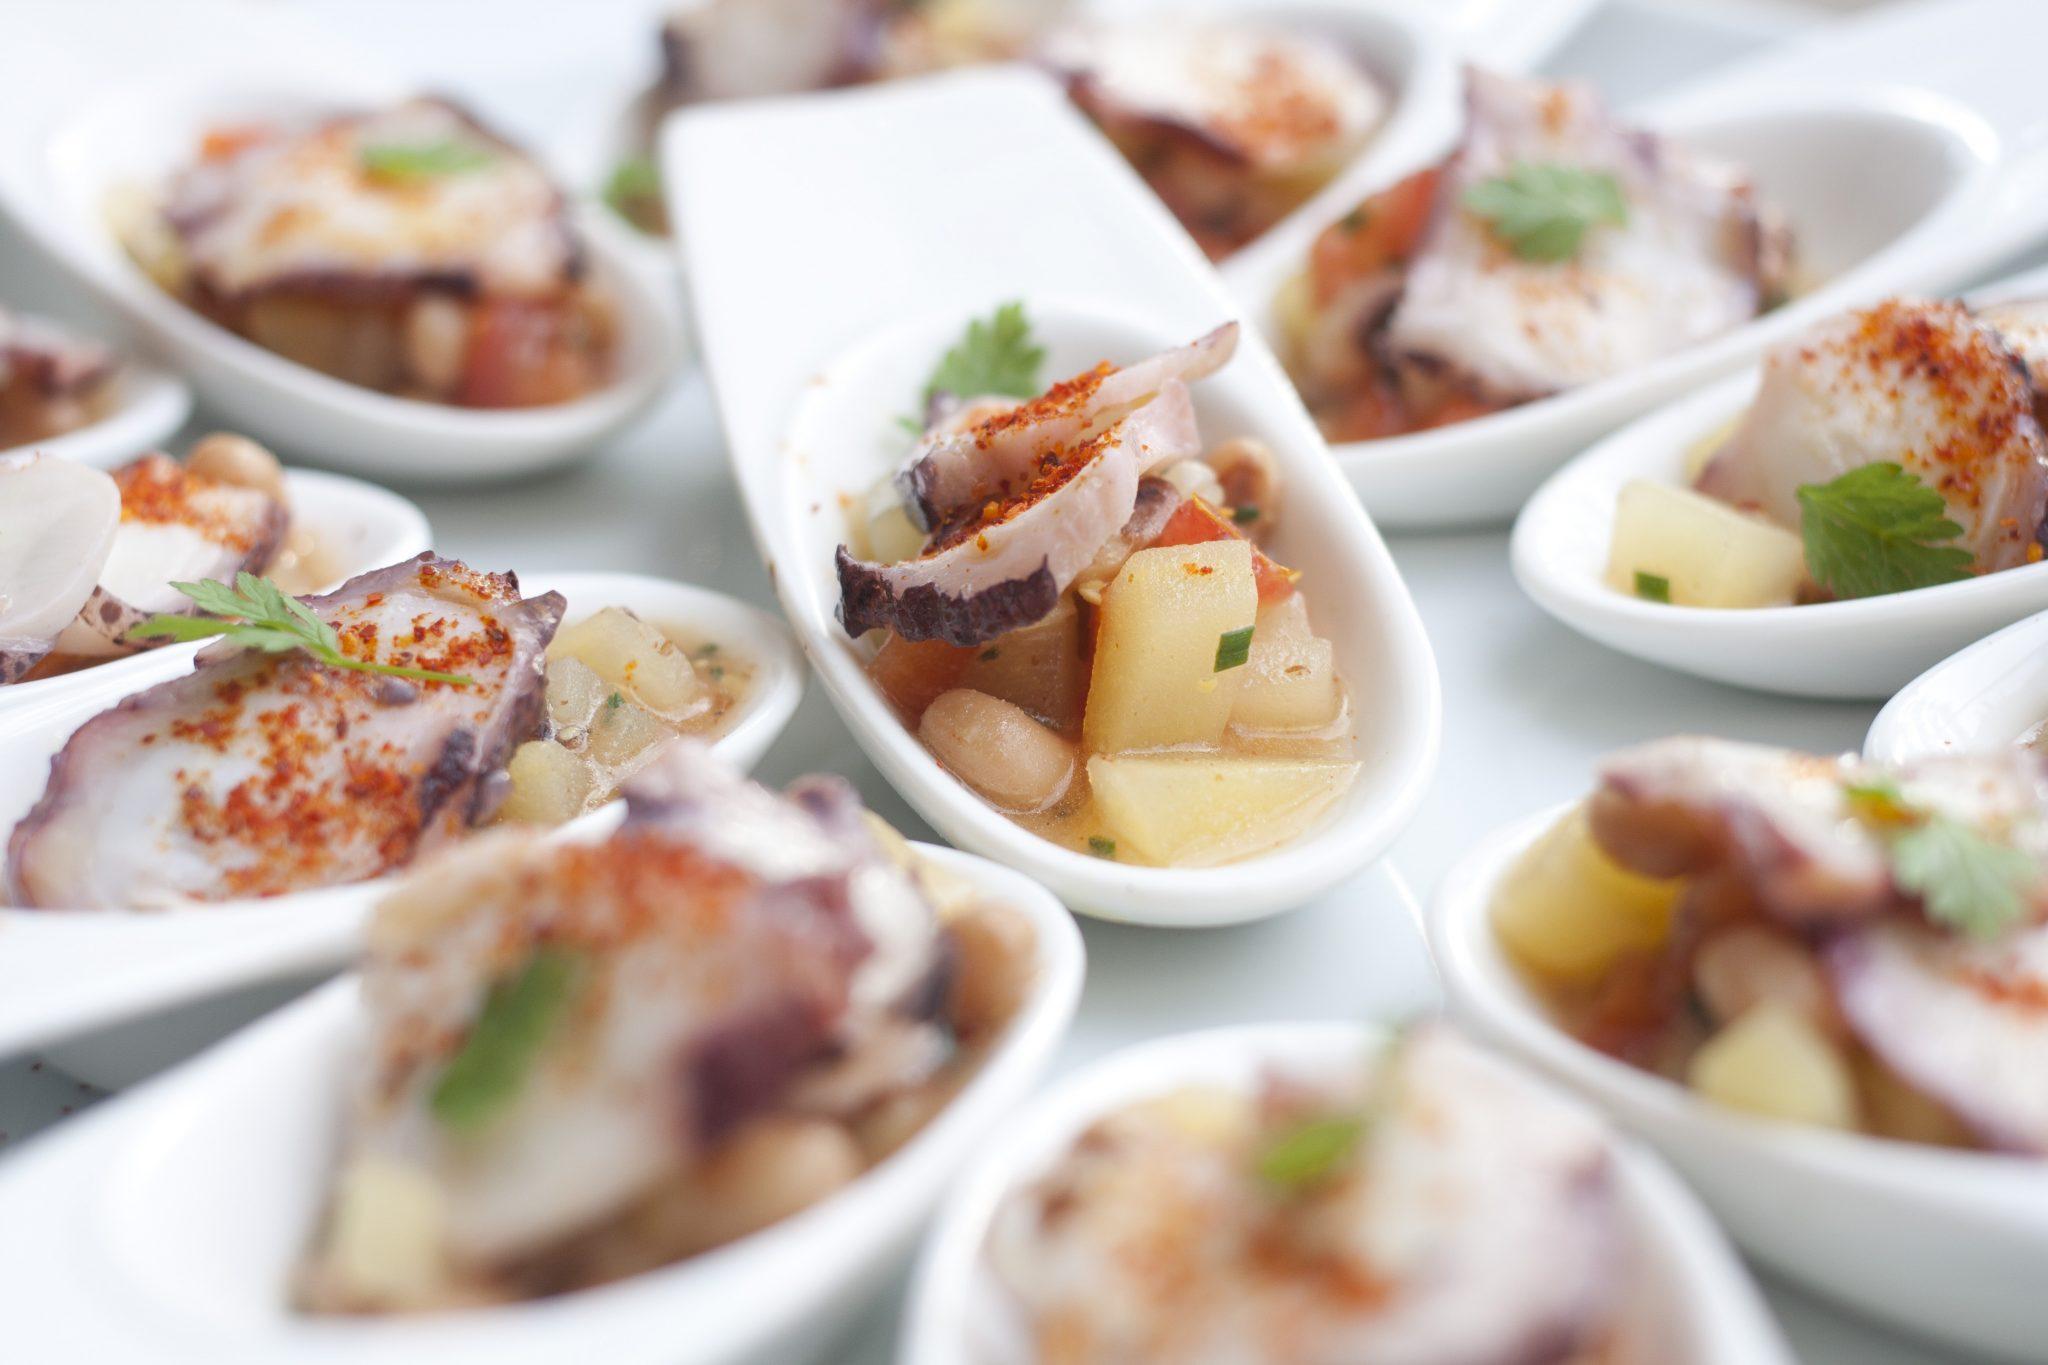 Pulpo tapas and potatoes